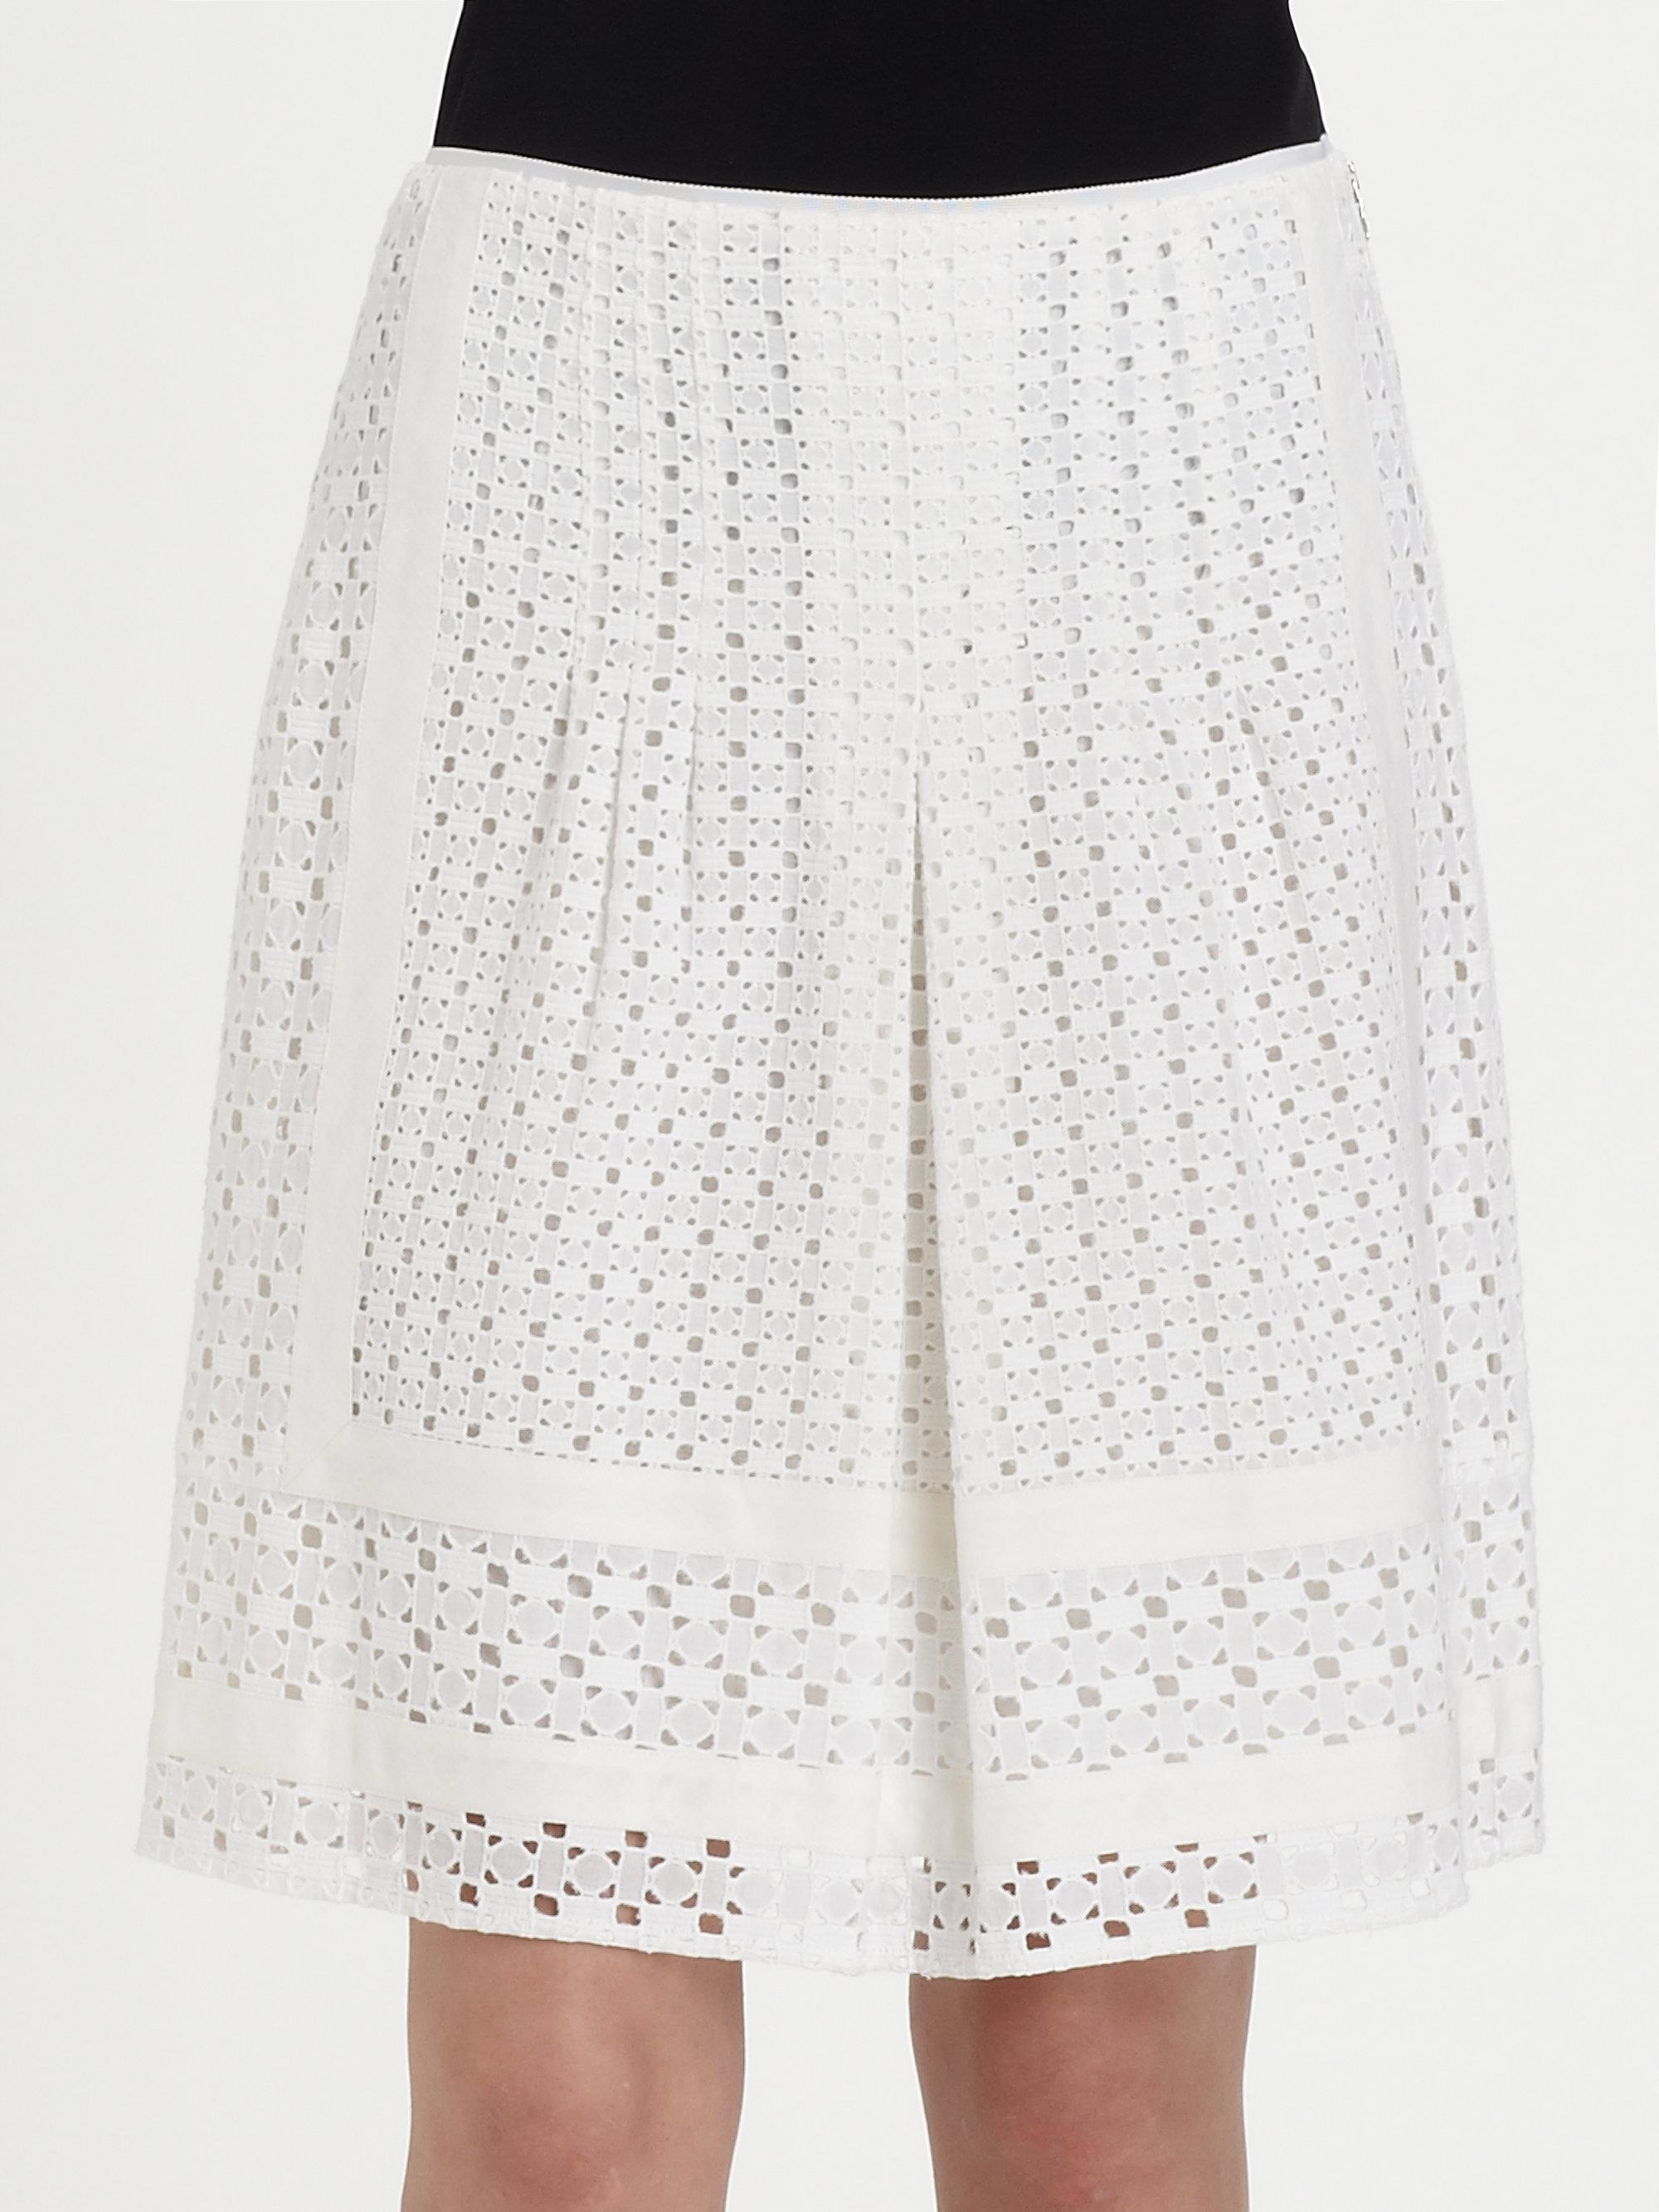 Elie tahari Alexandra Eyelet Skirt in White | Lyst